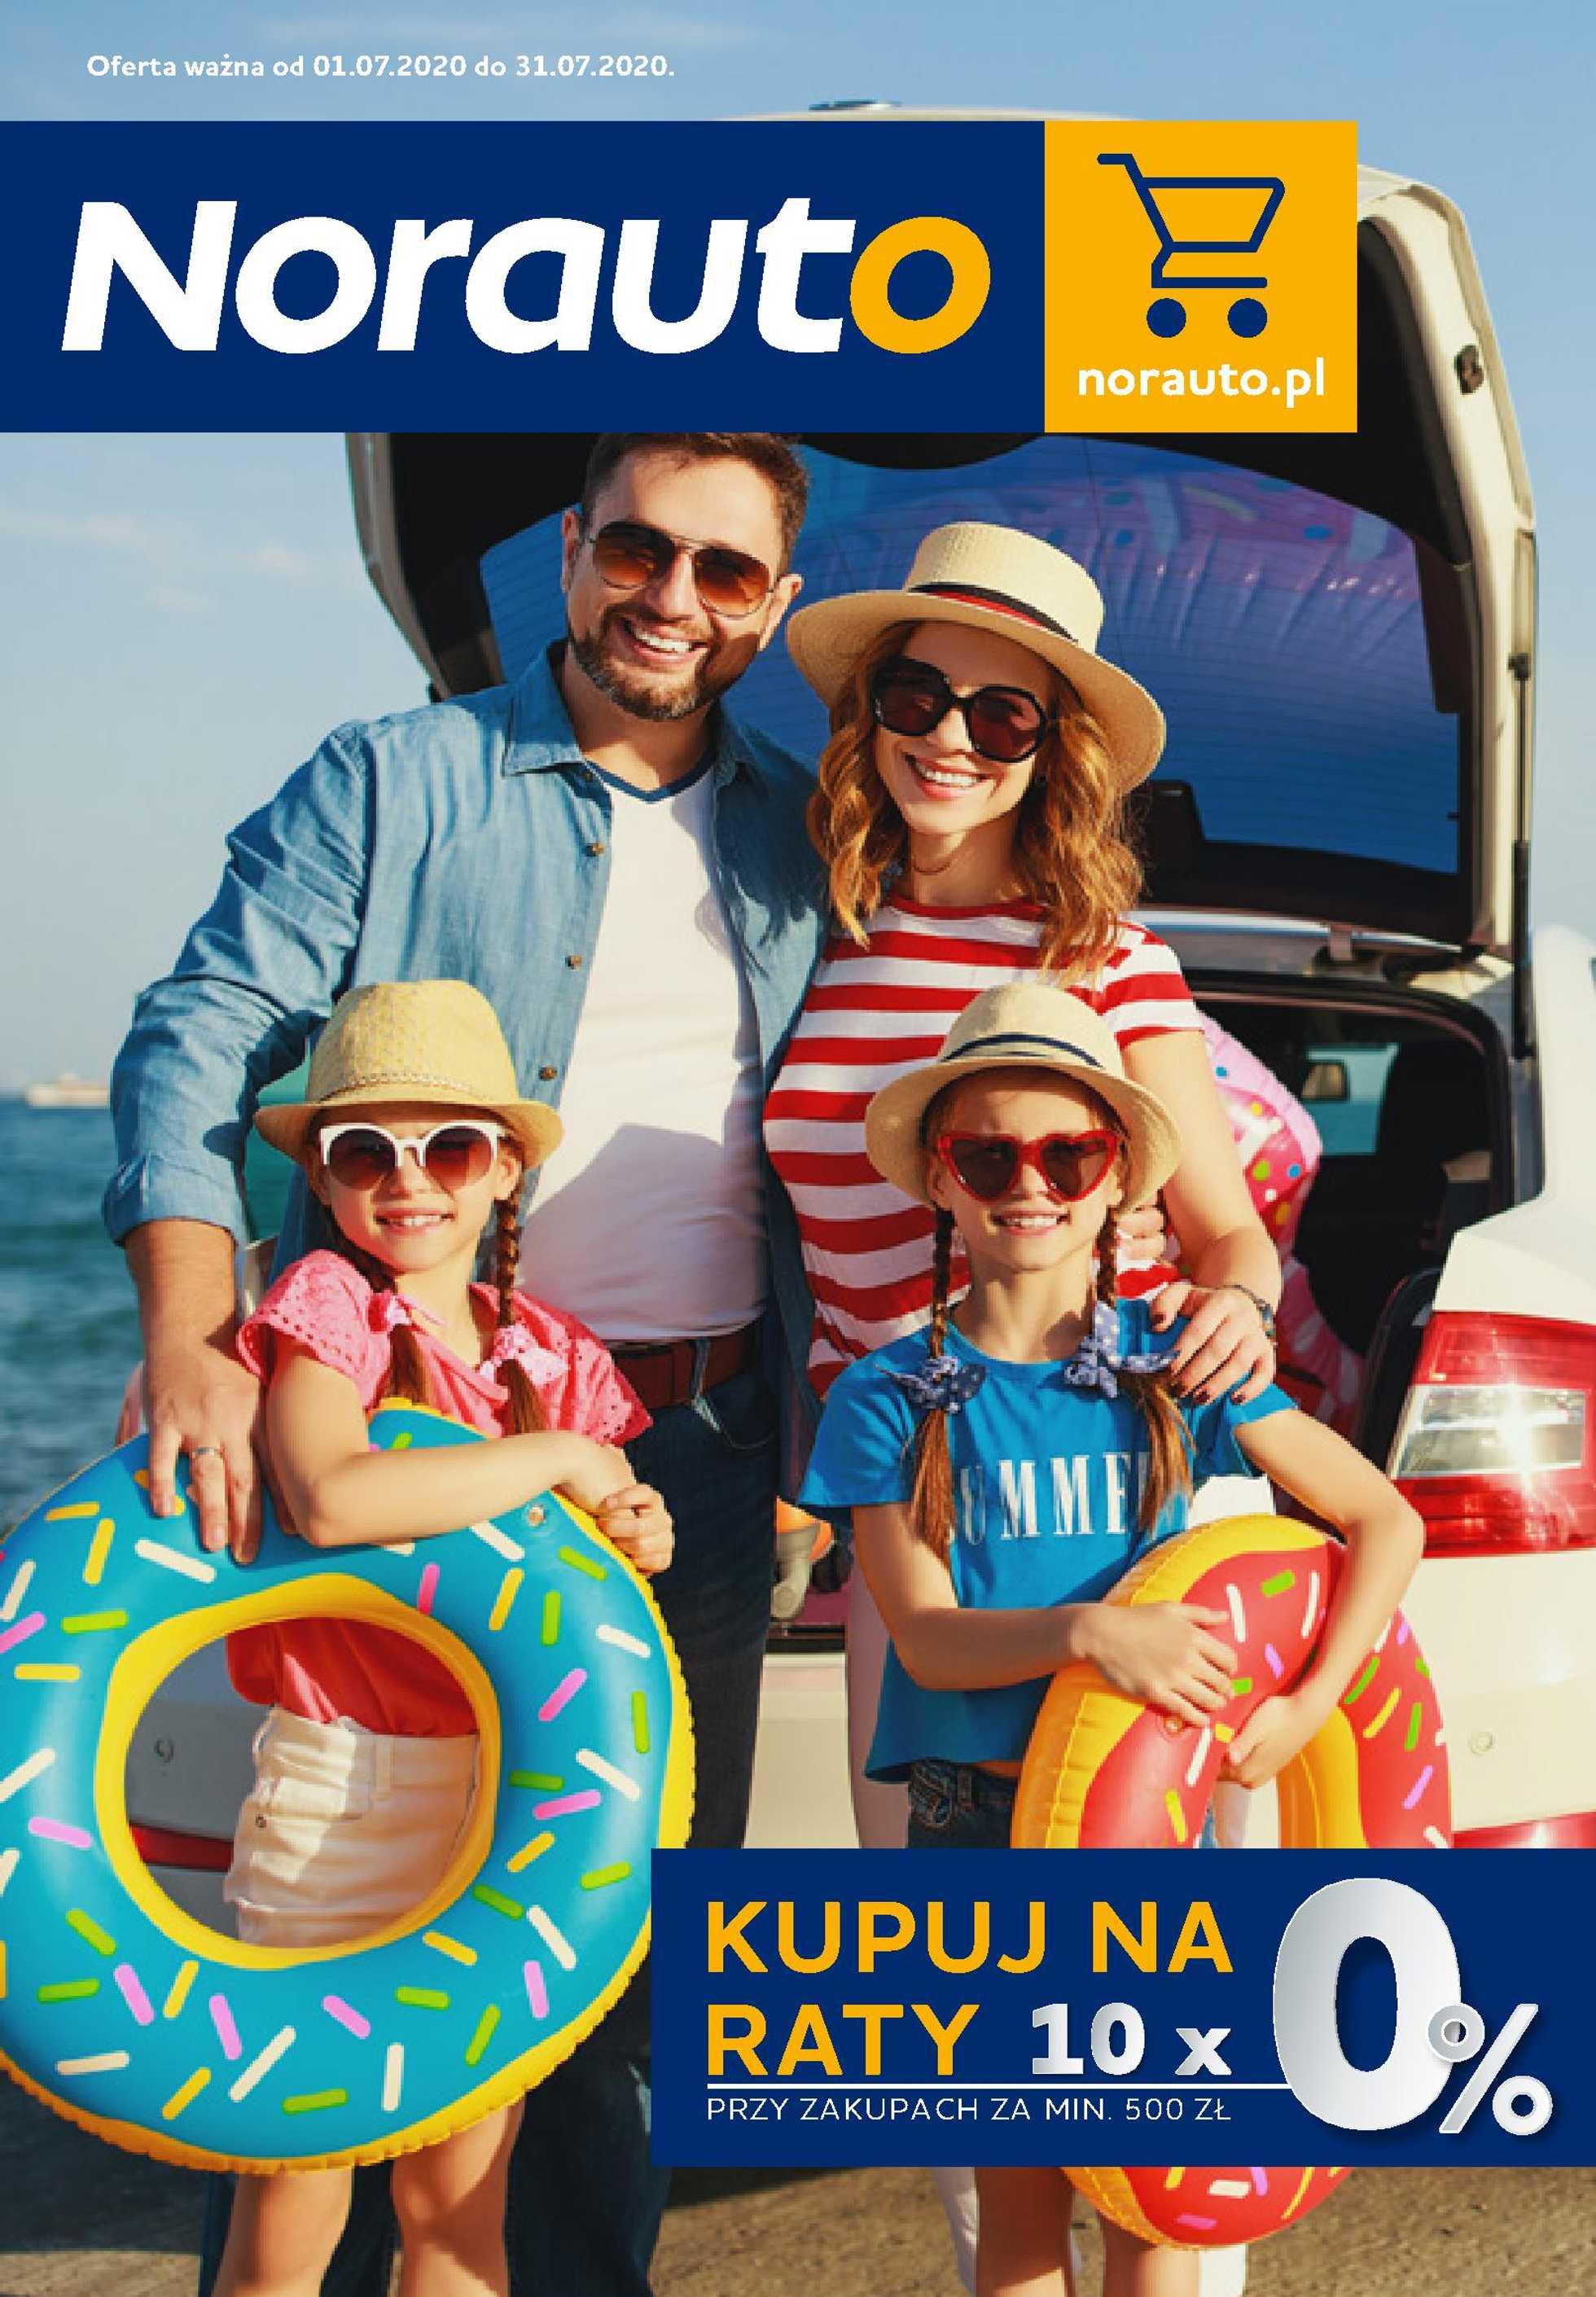 Norauto - gazetka promocyjna ważna od 01.07.2020 do 31.07.2020 - strona 1.